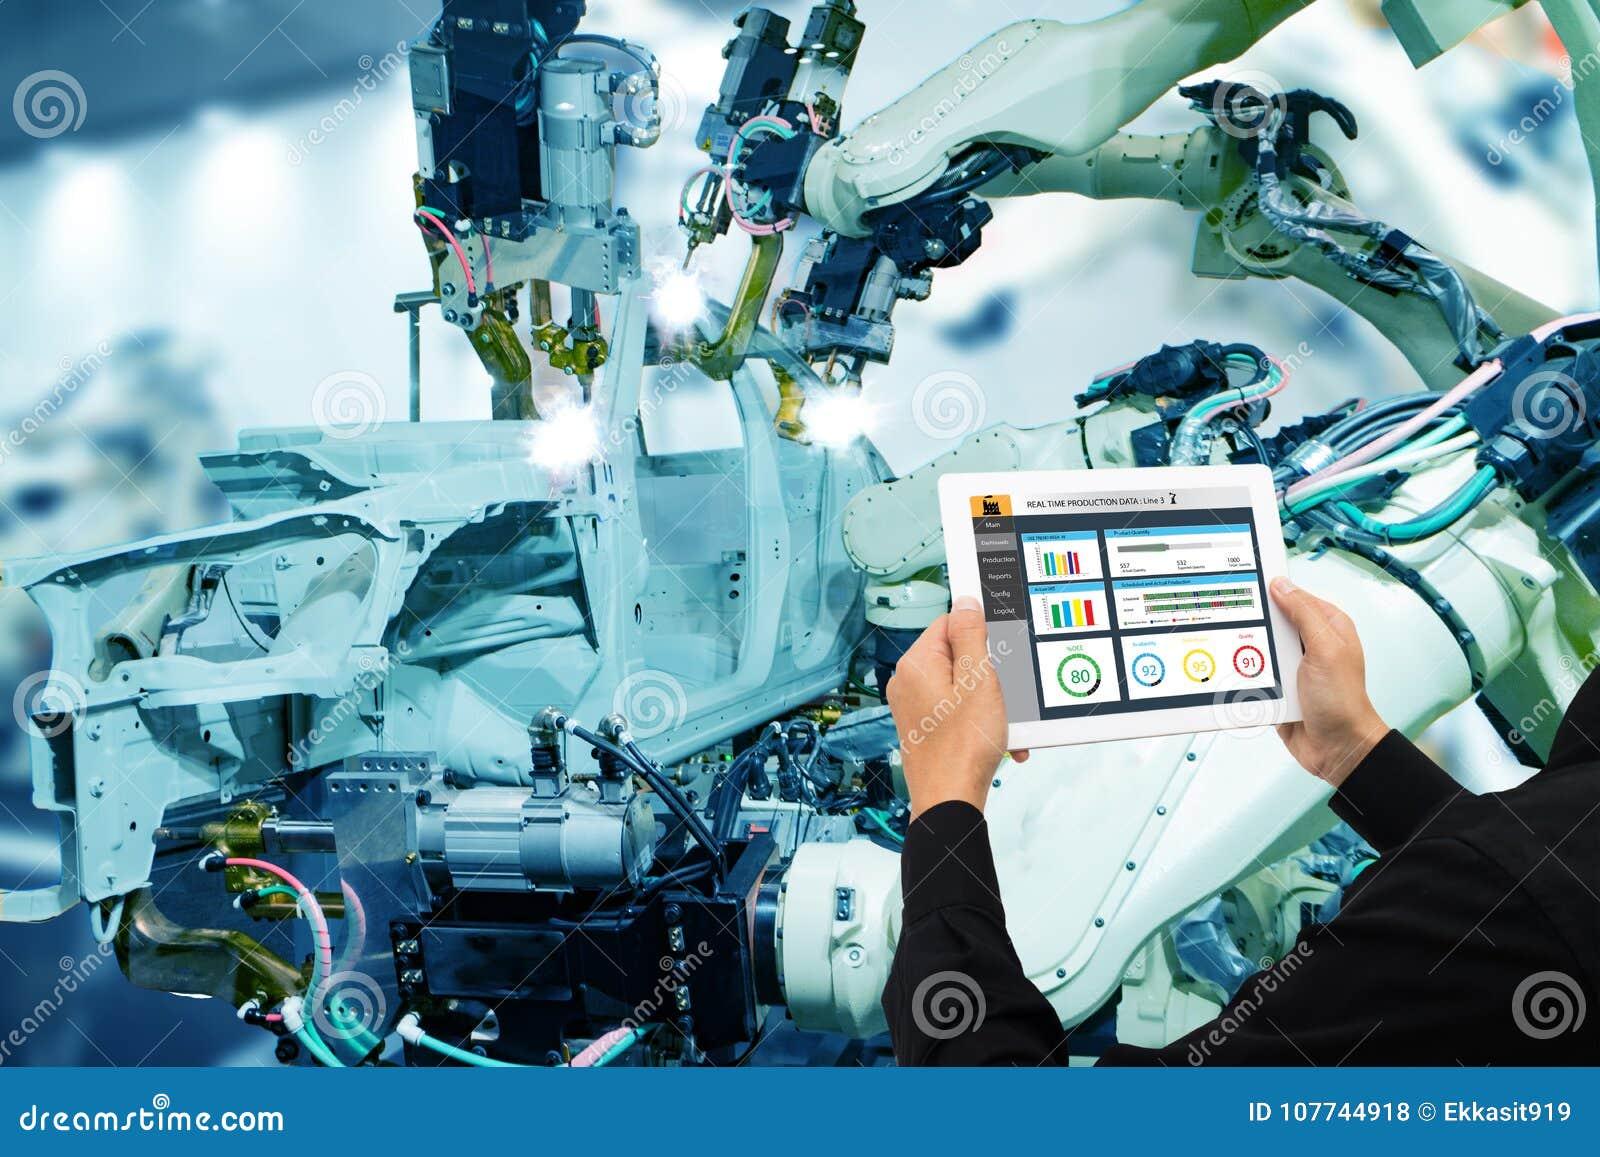 Iot przemysł 4 (0) pojęć, przemysłowy inżynier używa oprogramowanie zwiększał monitorować maszynę w realu t, rzeczywistość wirtua